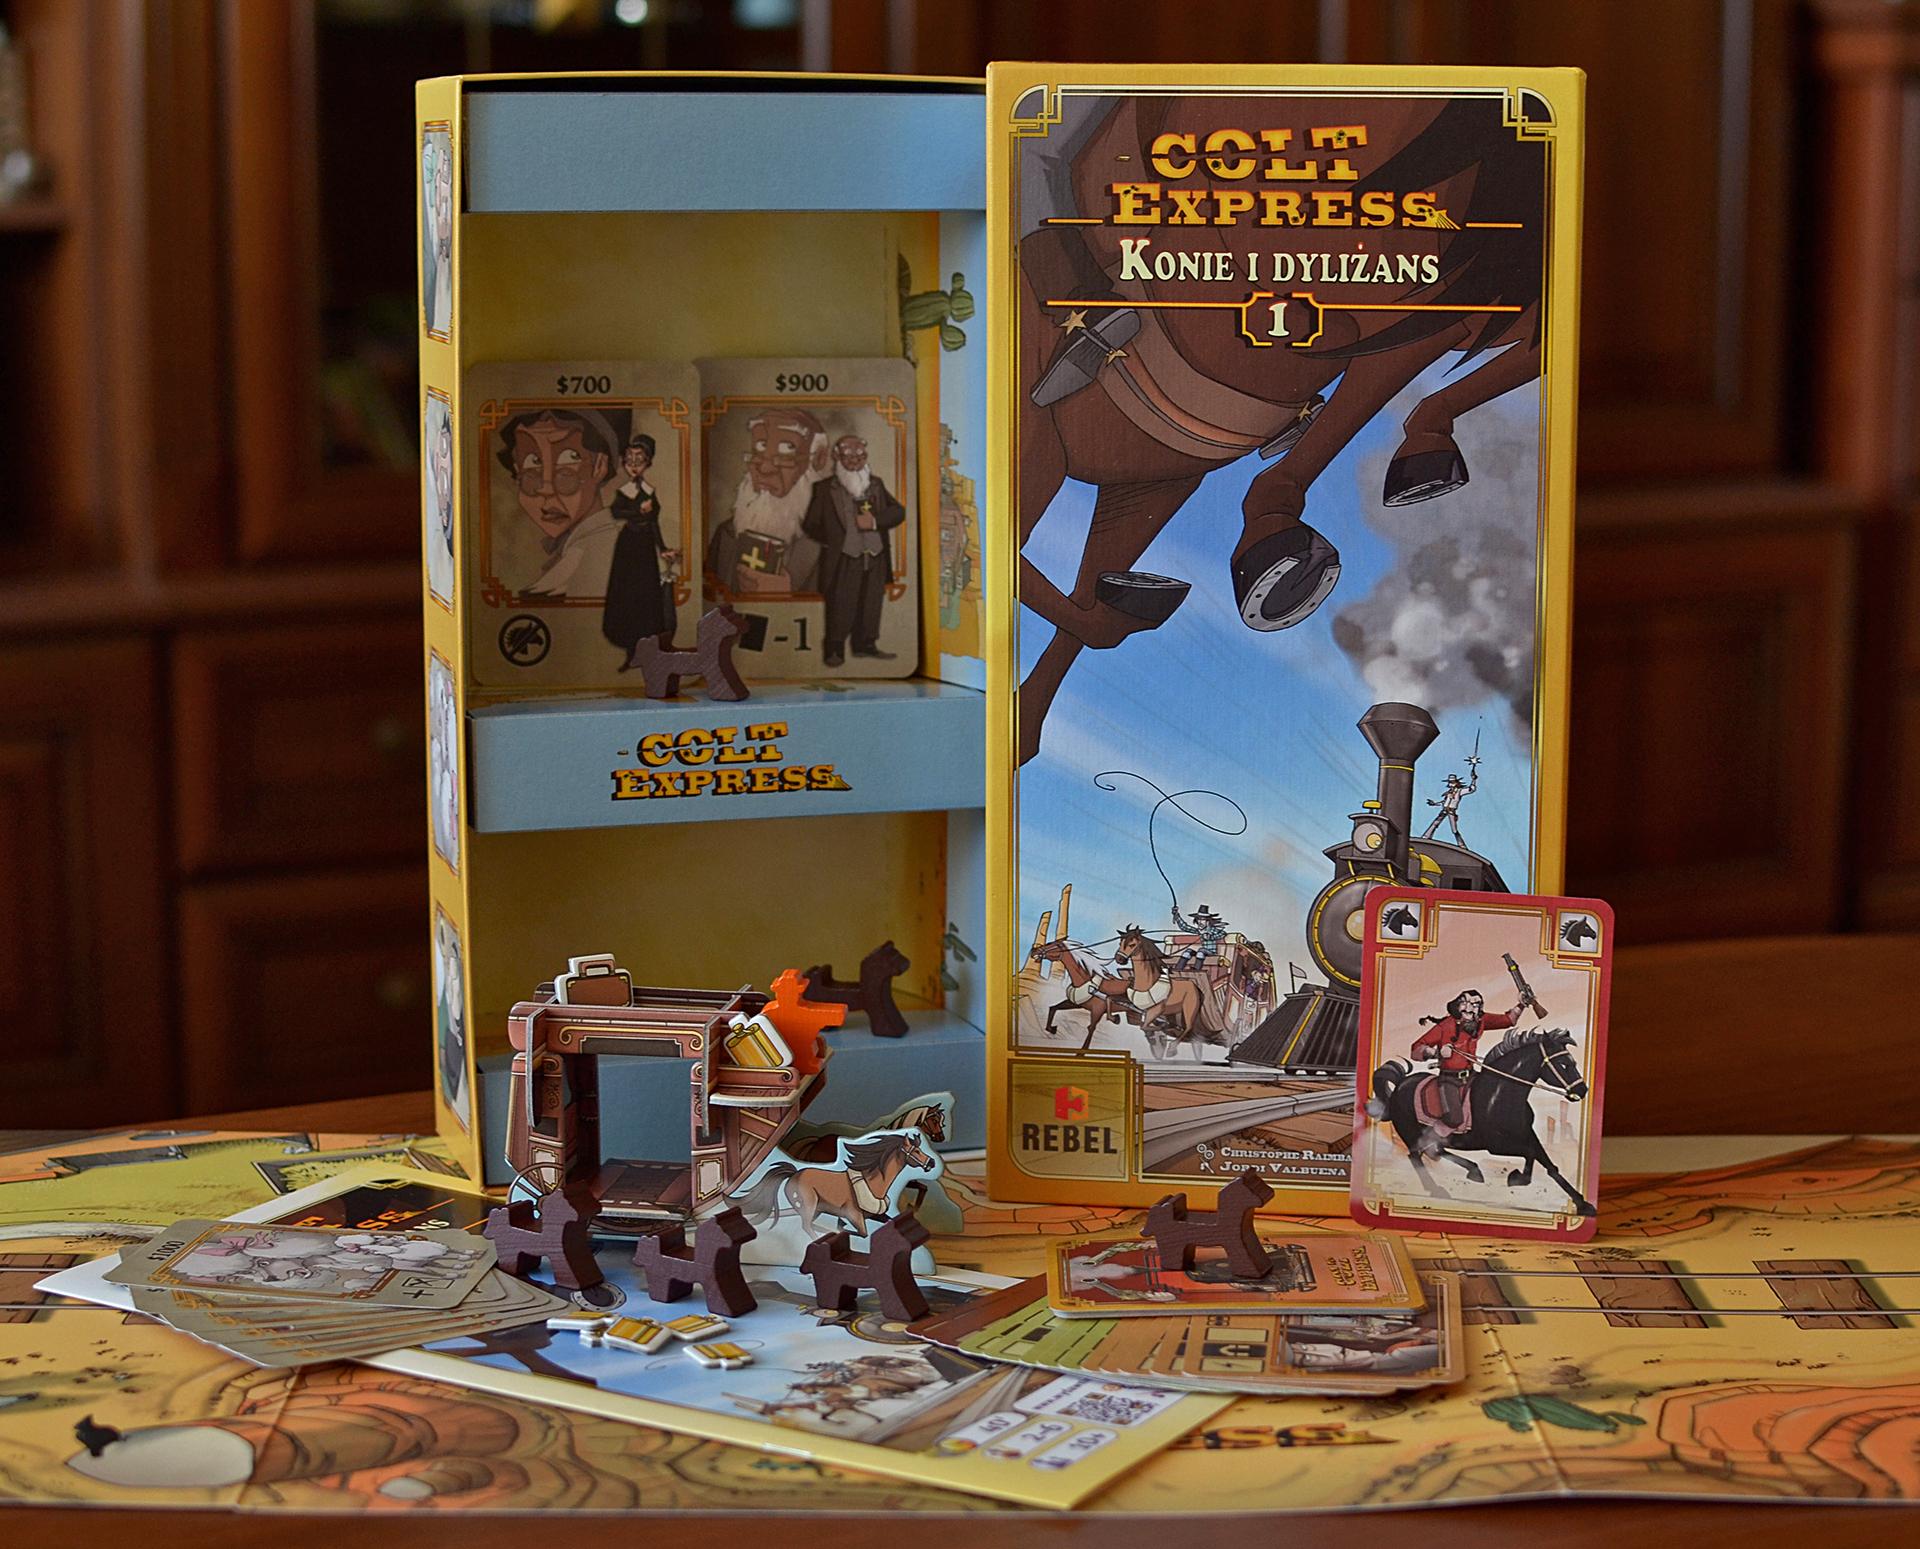 Colt Express: Konie i dyliżans REBEL GRY Karty i gry karciane